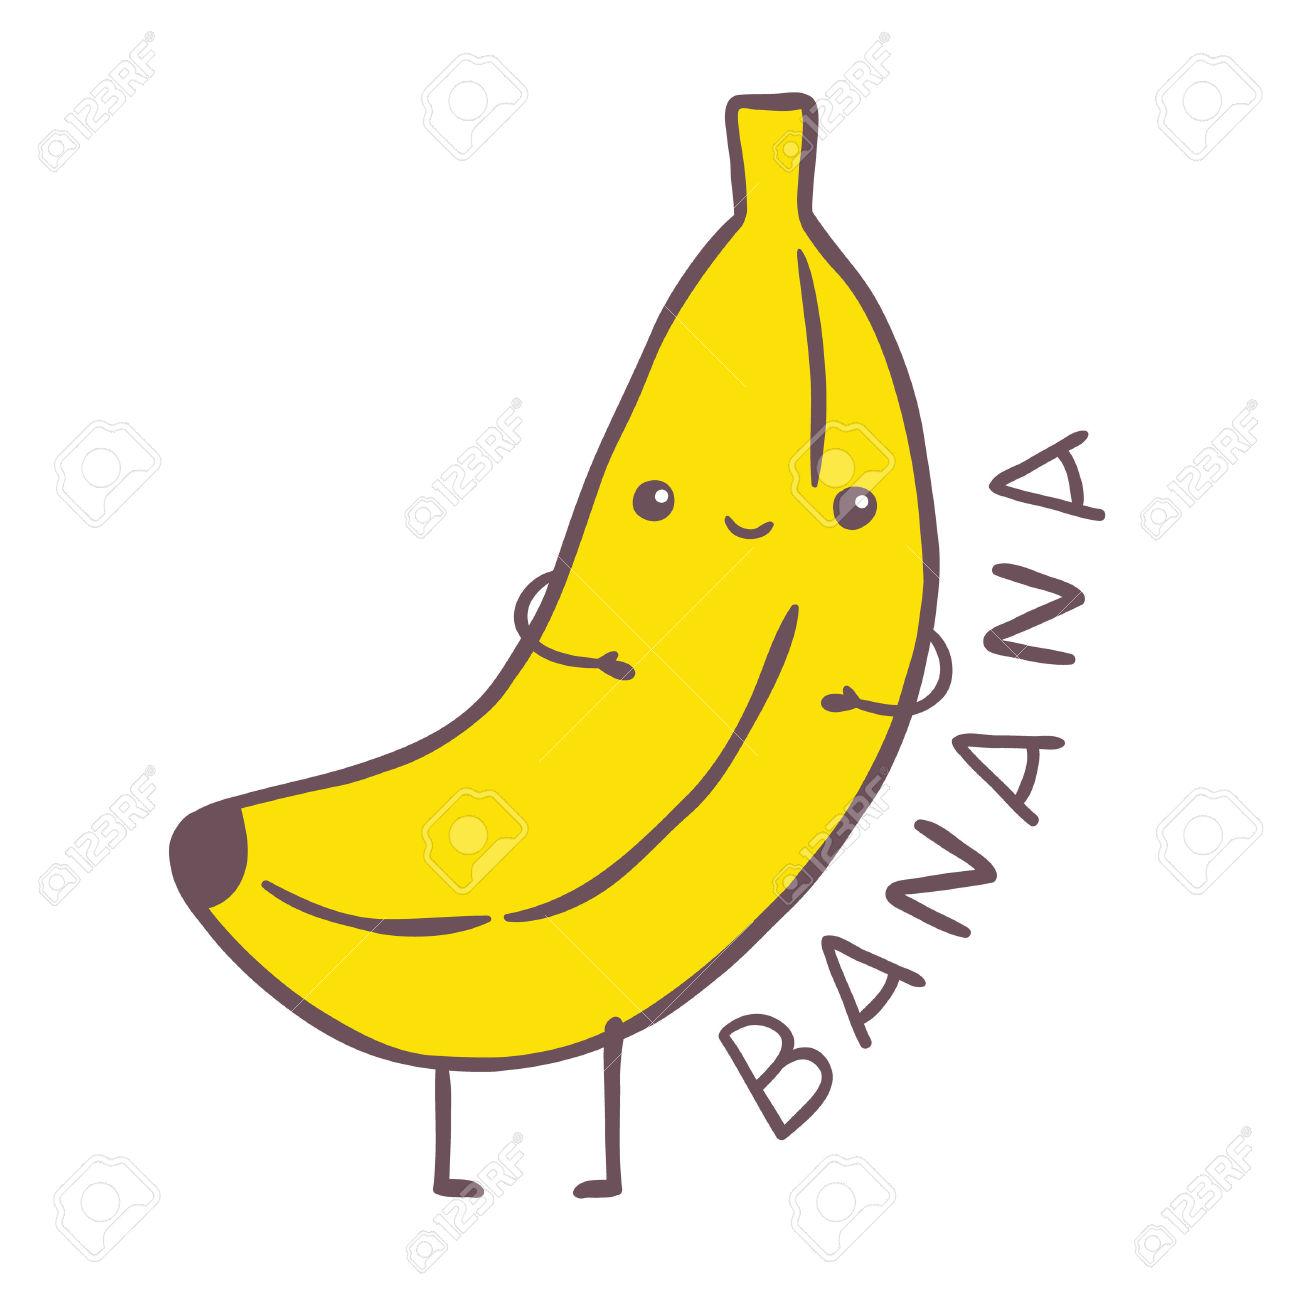 bananas clipart kawaii